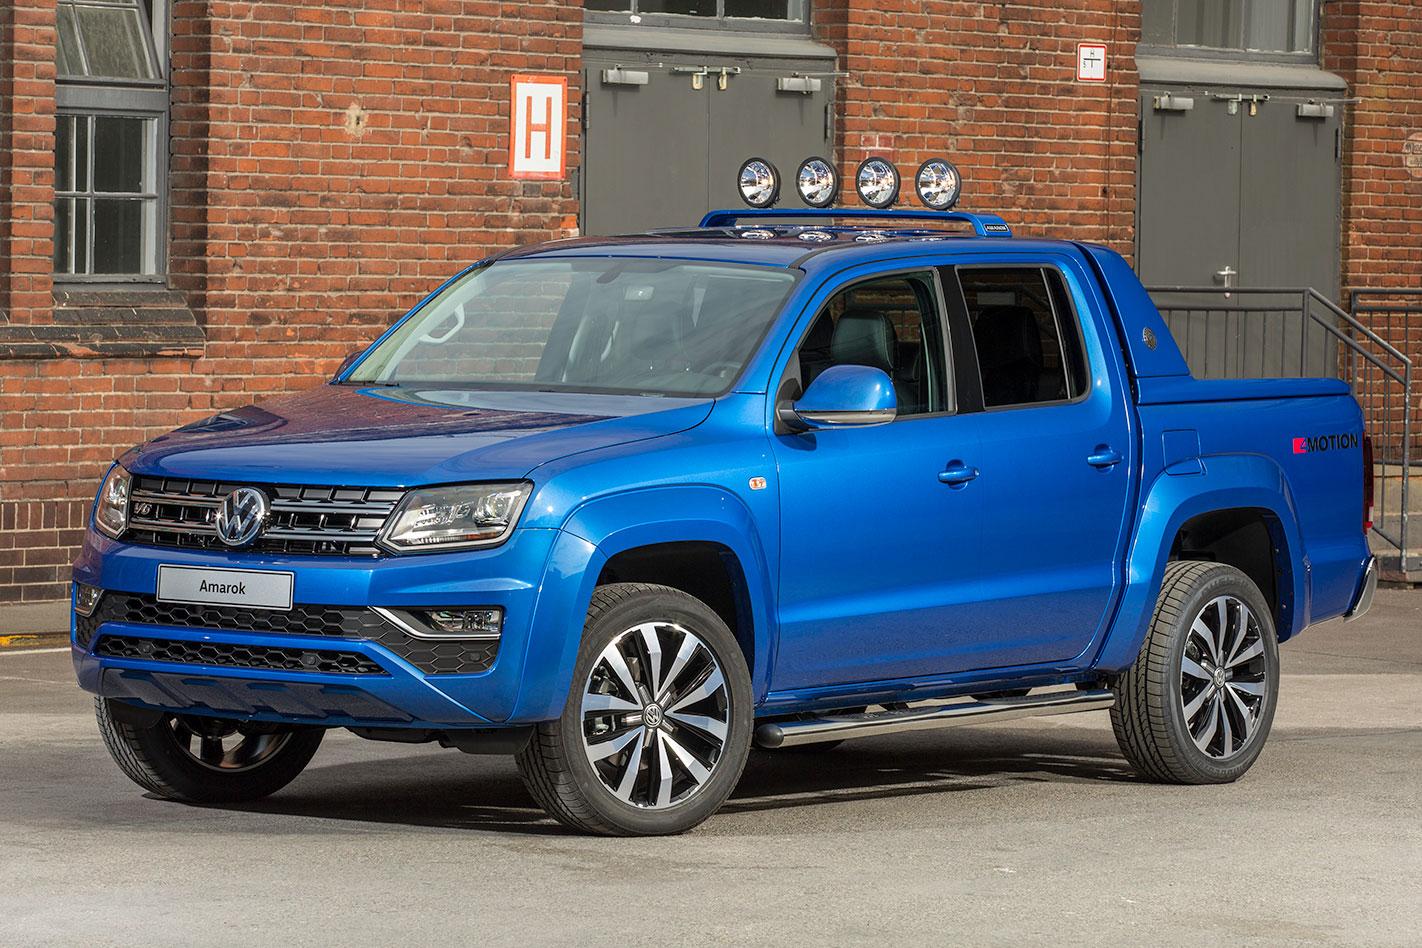 2016 Volkswagen Amarok Aventura Review